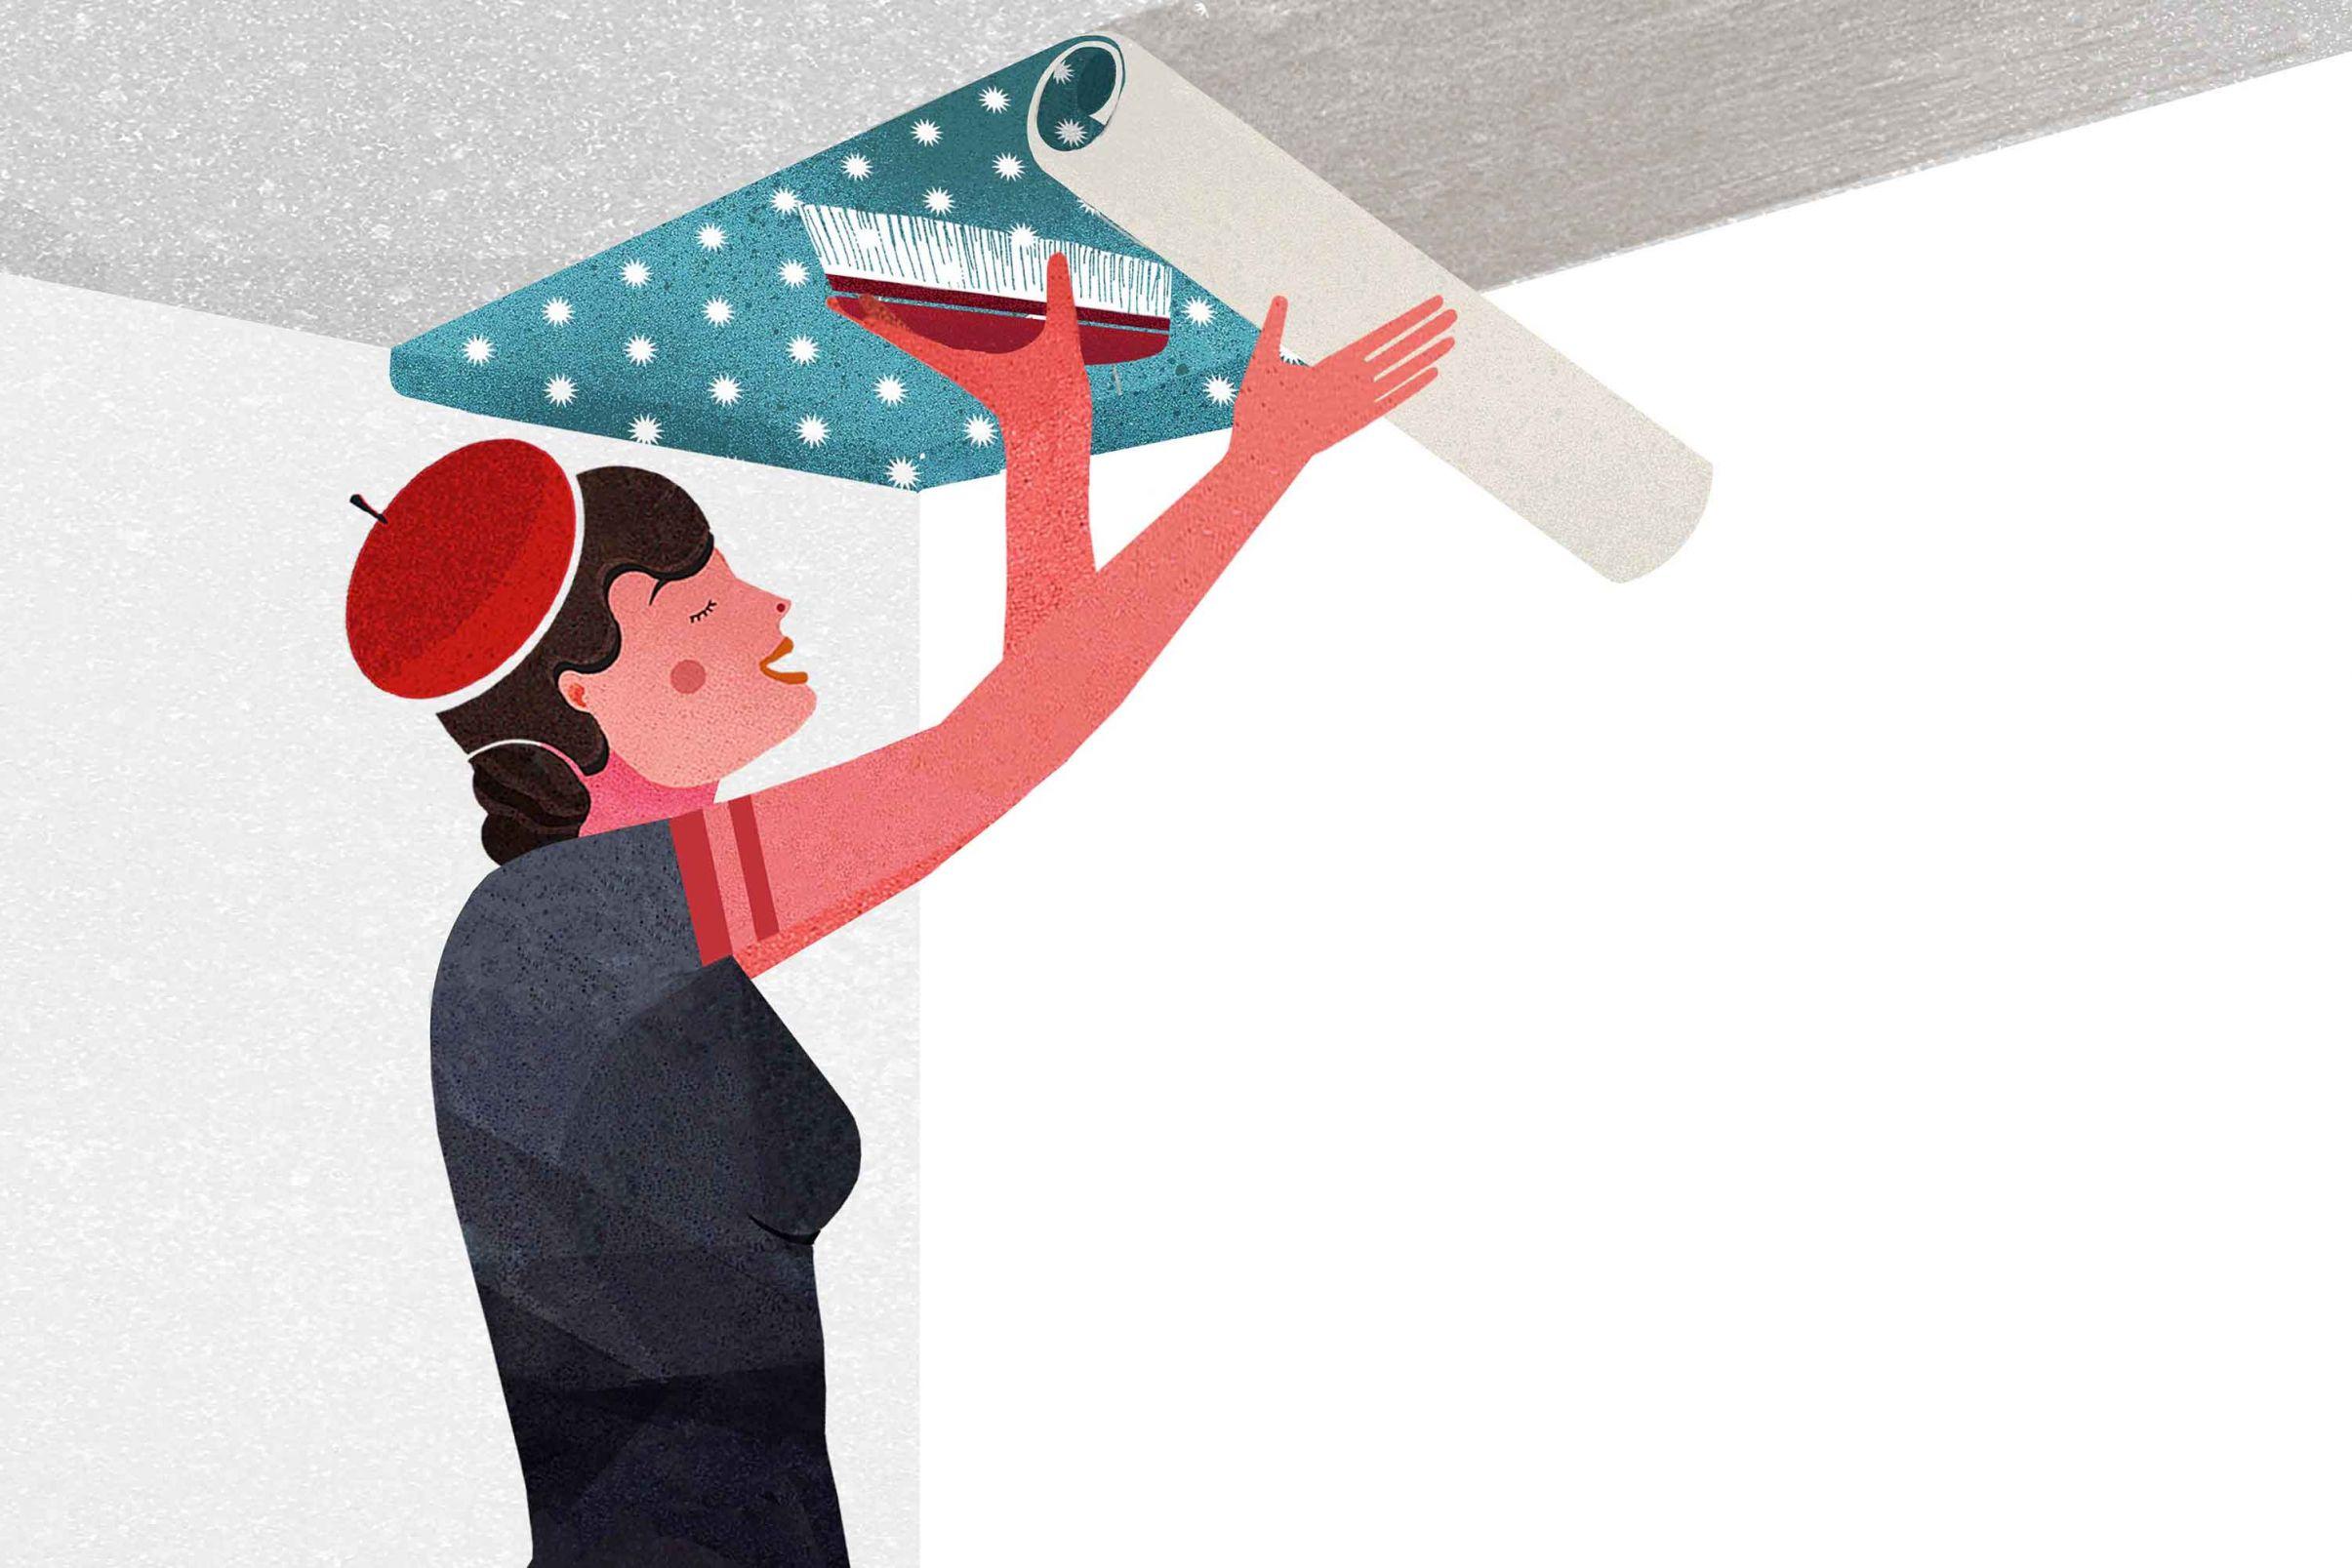 Como-empapelar-el-techo-Colocar-el-papel-pintado